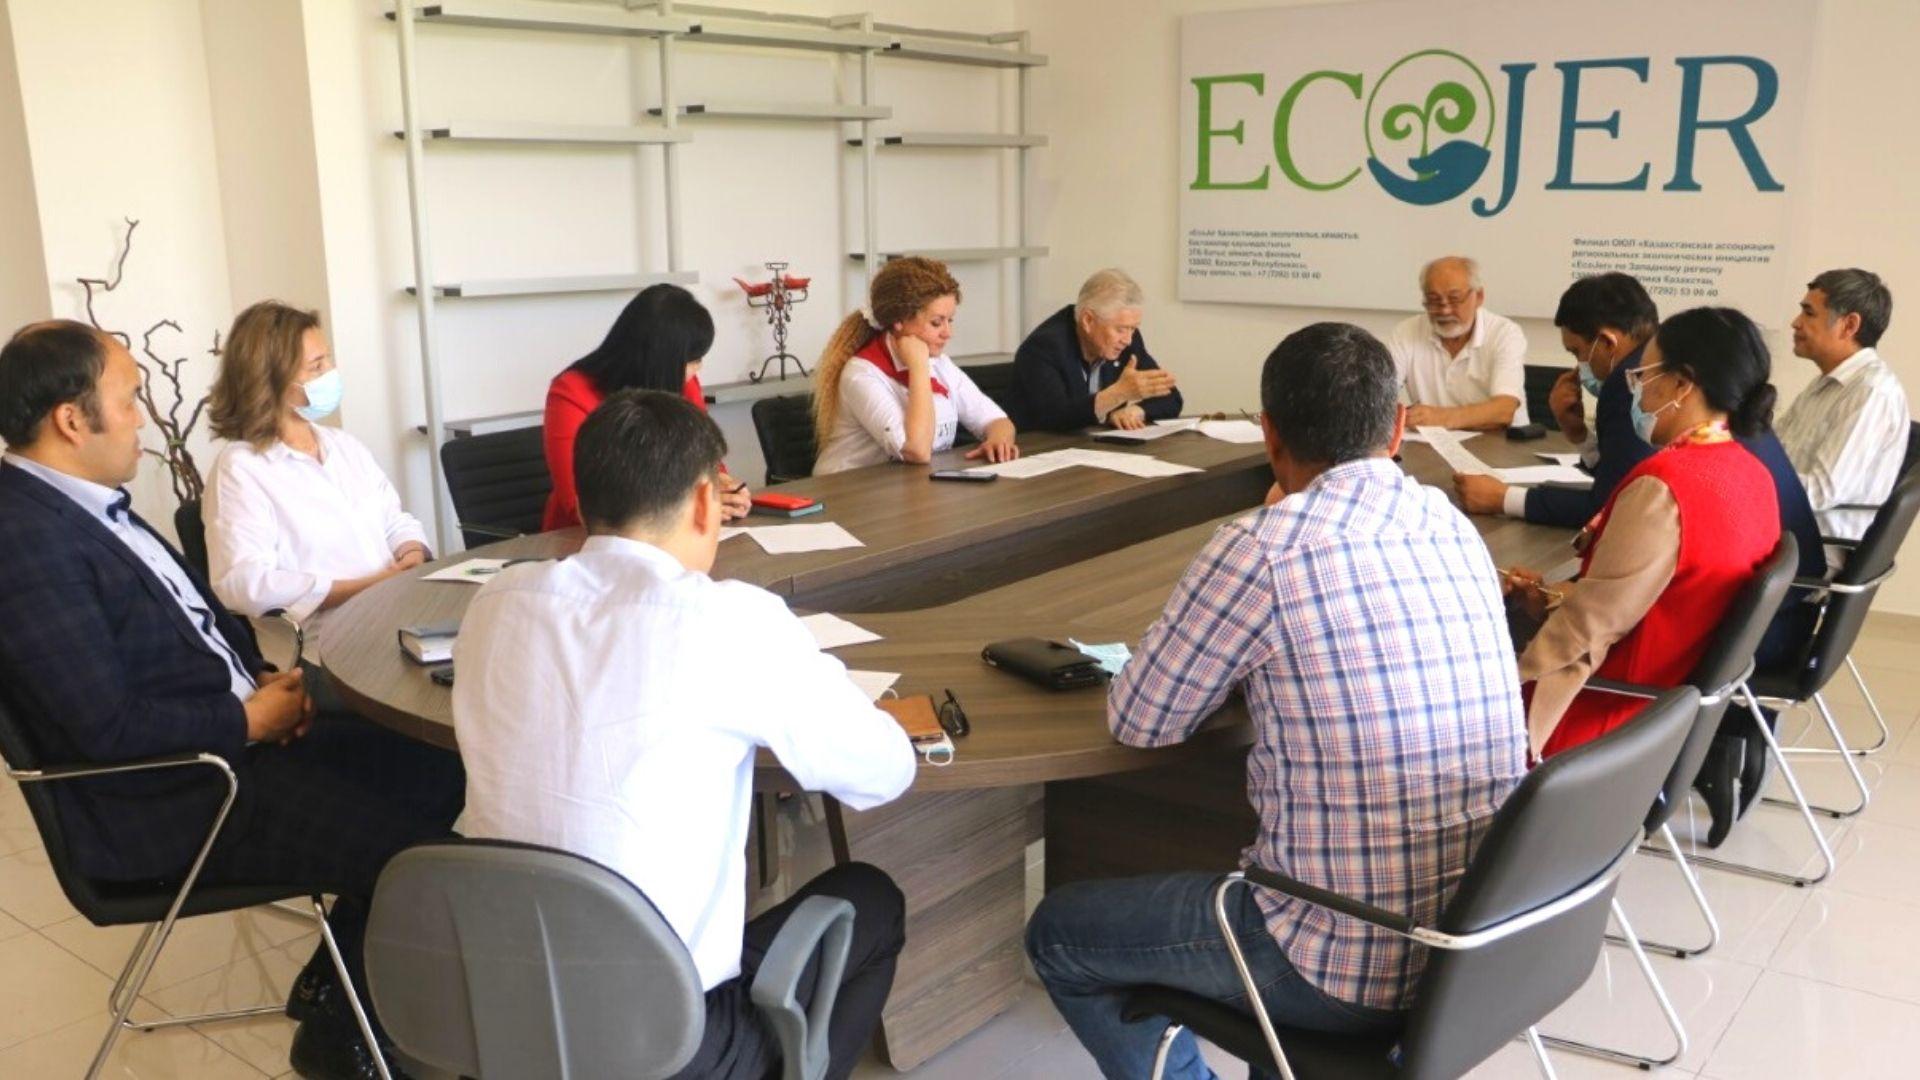 Качественное обновление: состав Регсовета «ECOJER» пополнился в Мангистау